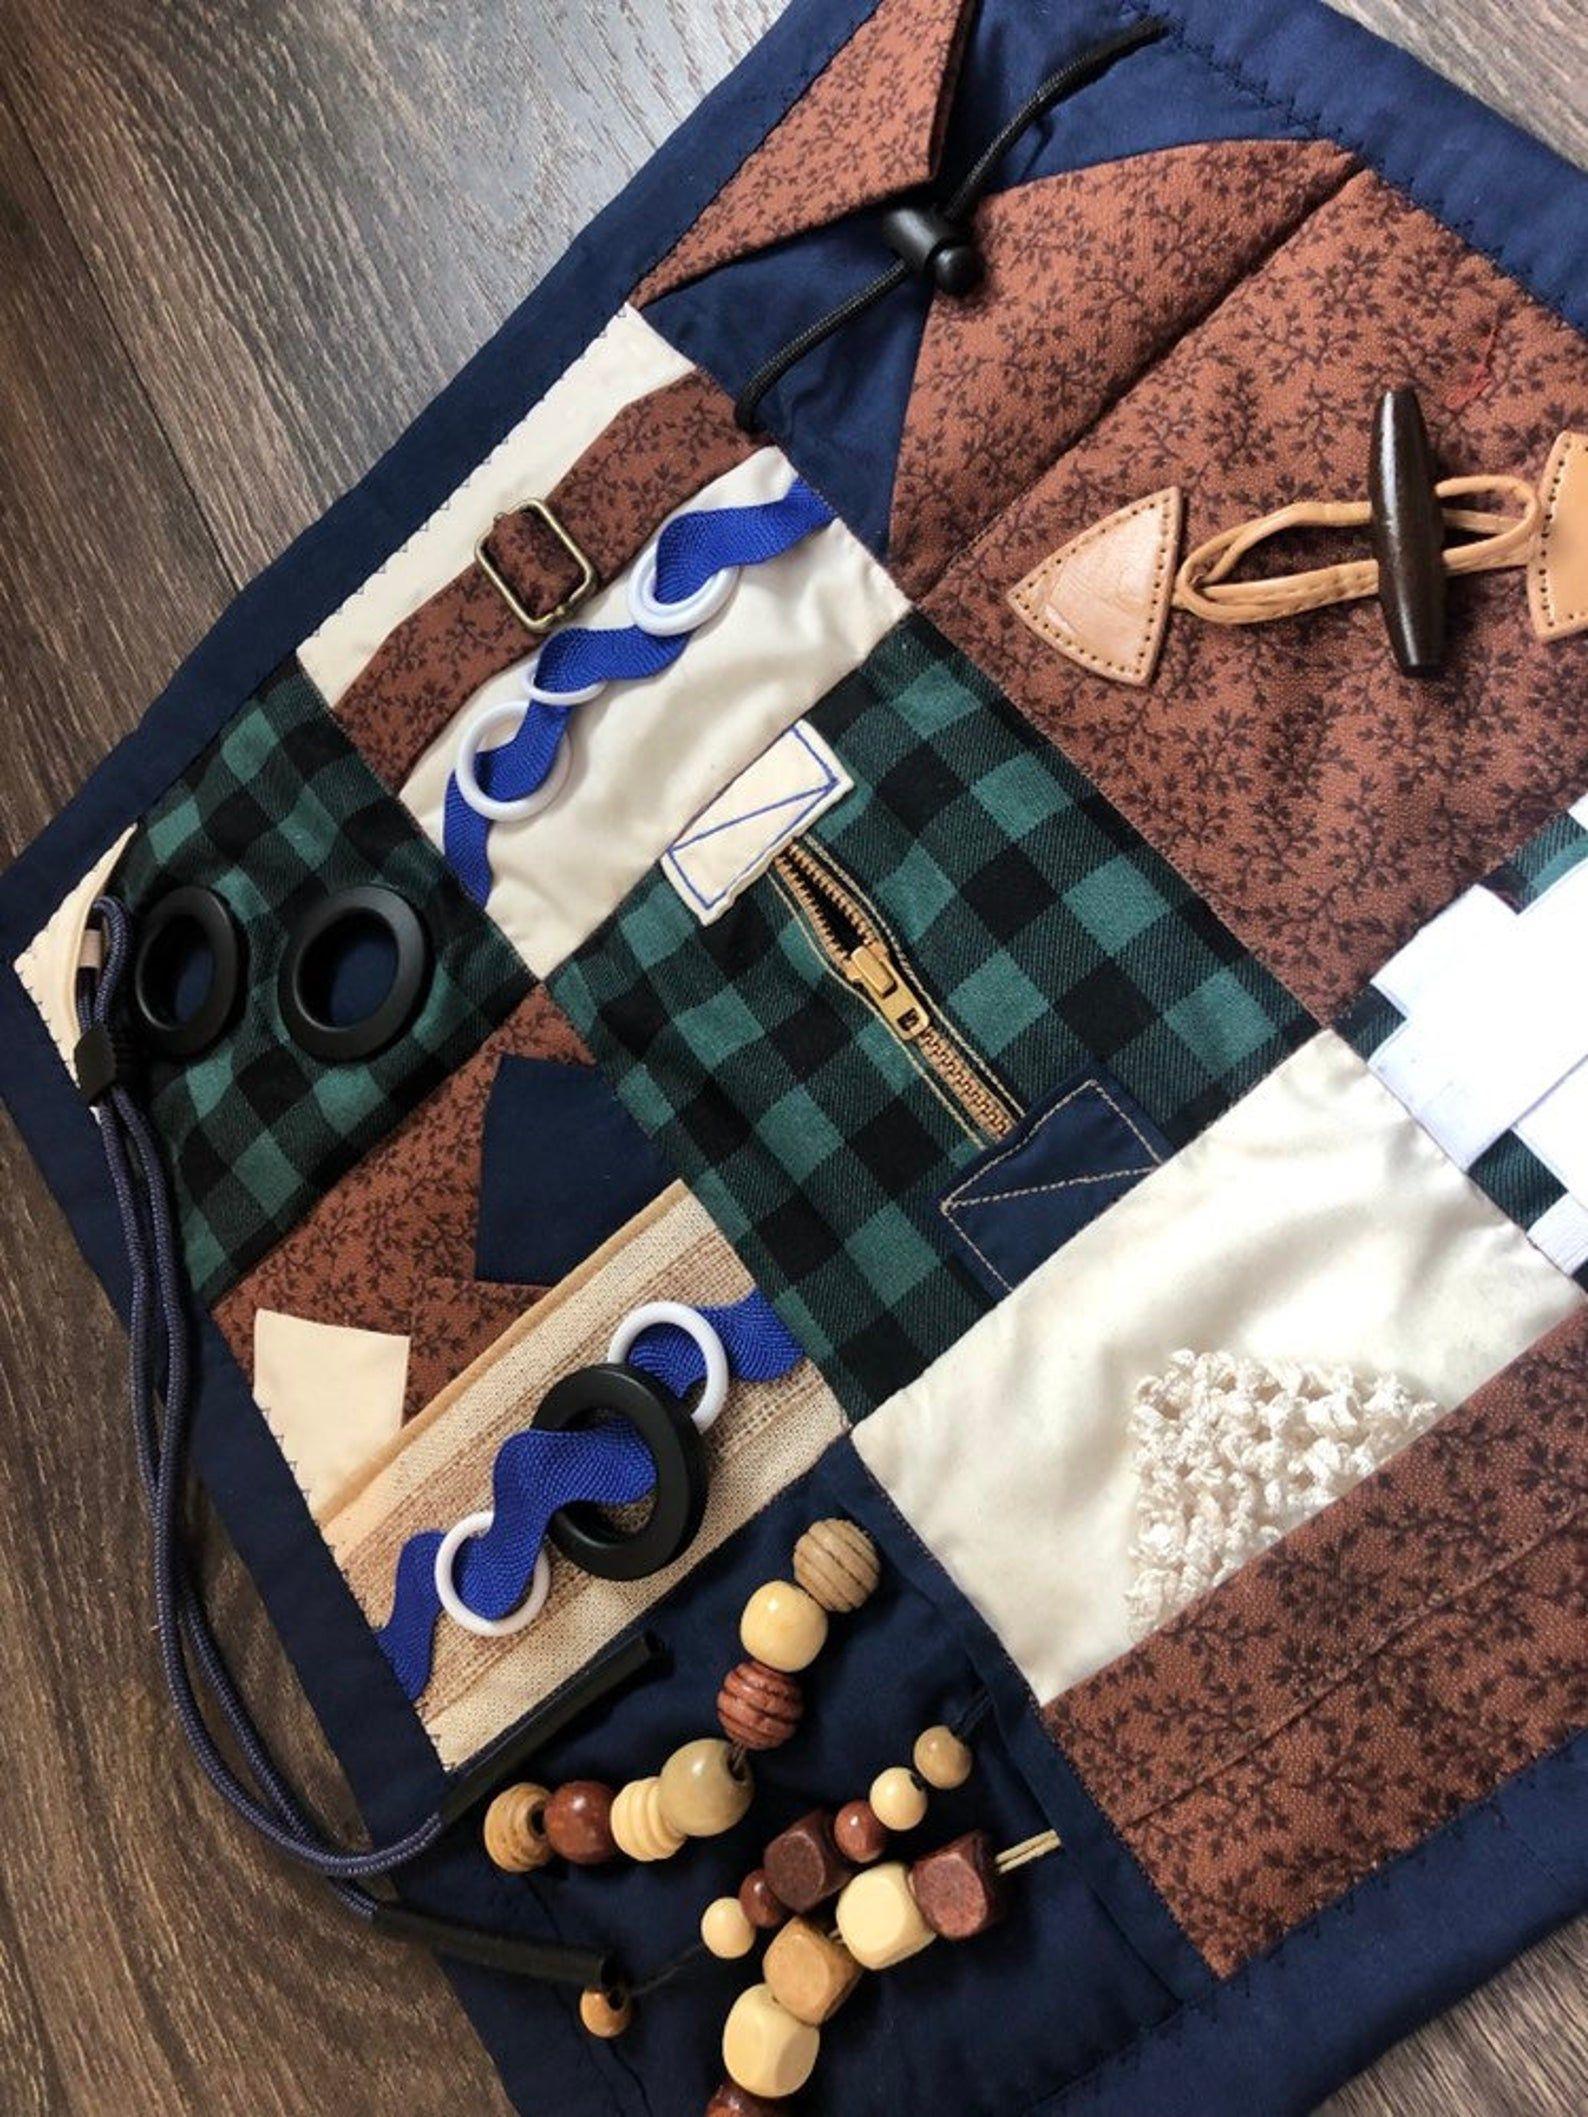 Fidget blanket busy blanket friget quilt sensory quilt